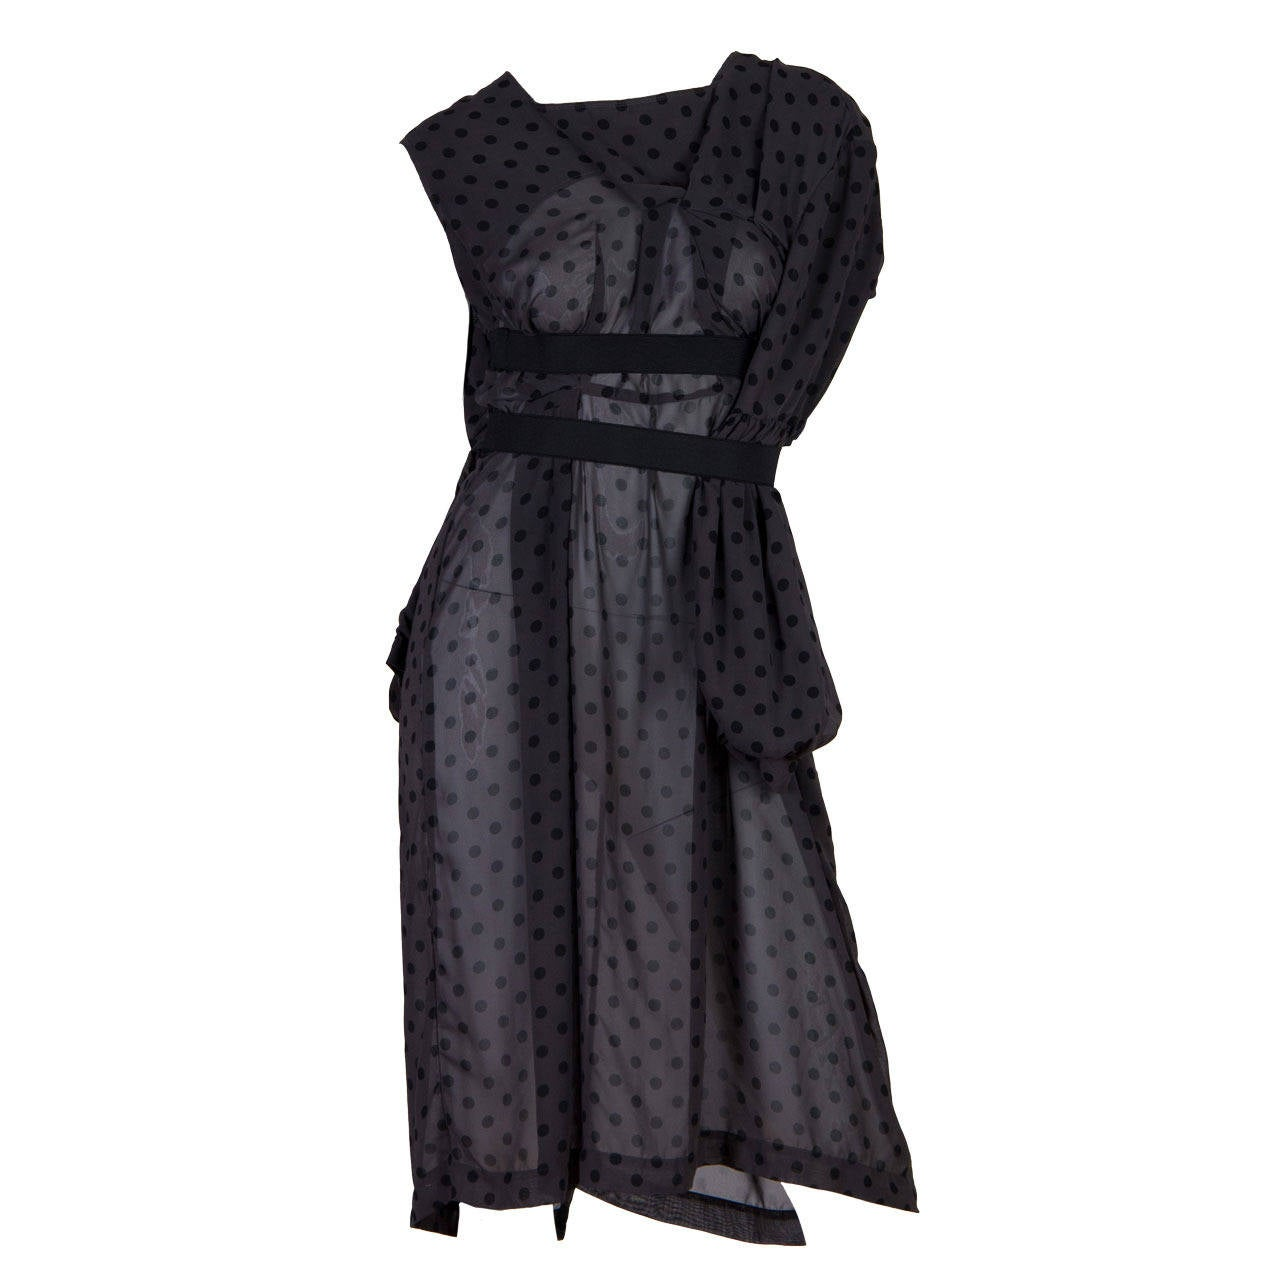 Comme des Garcons Deconstructed Chiffon Dress